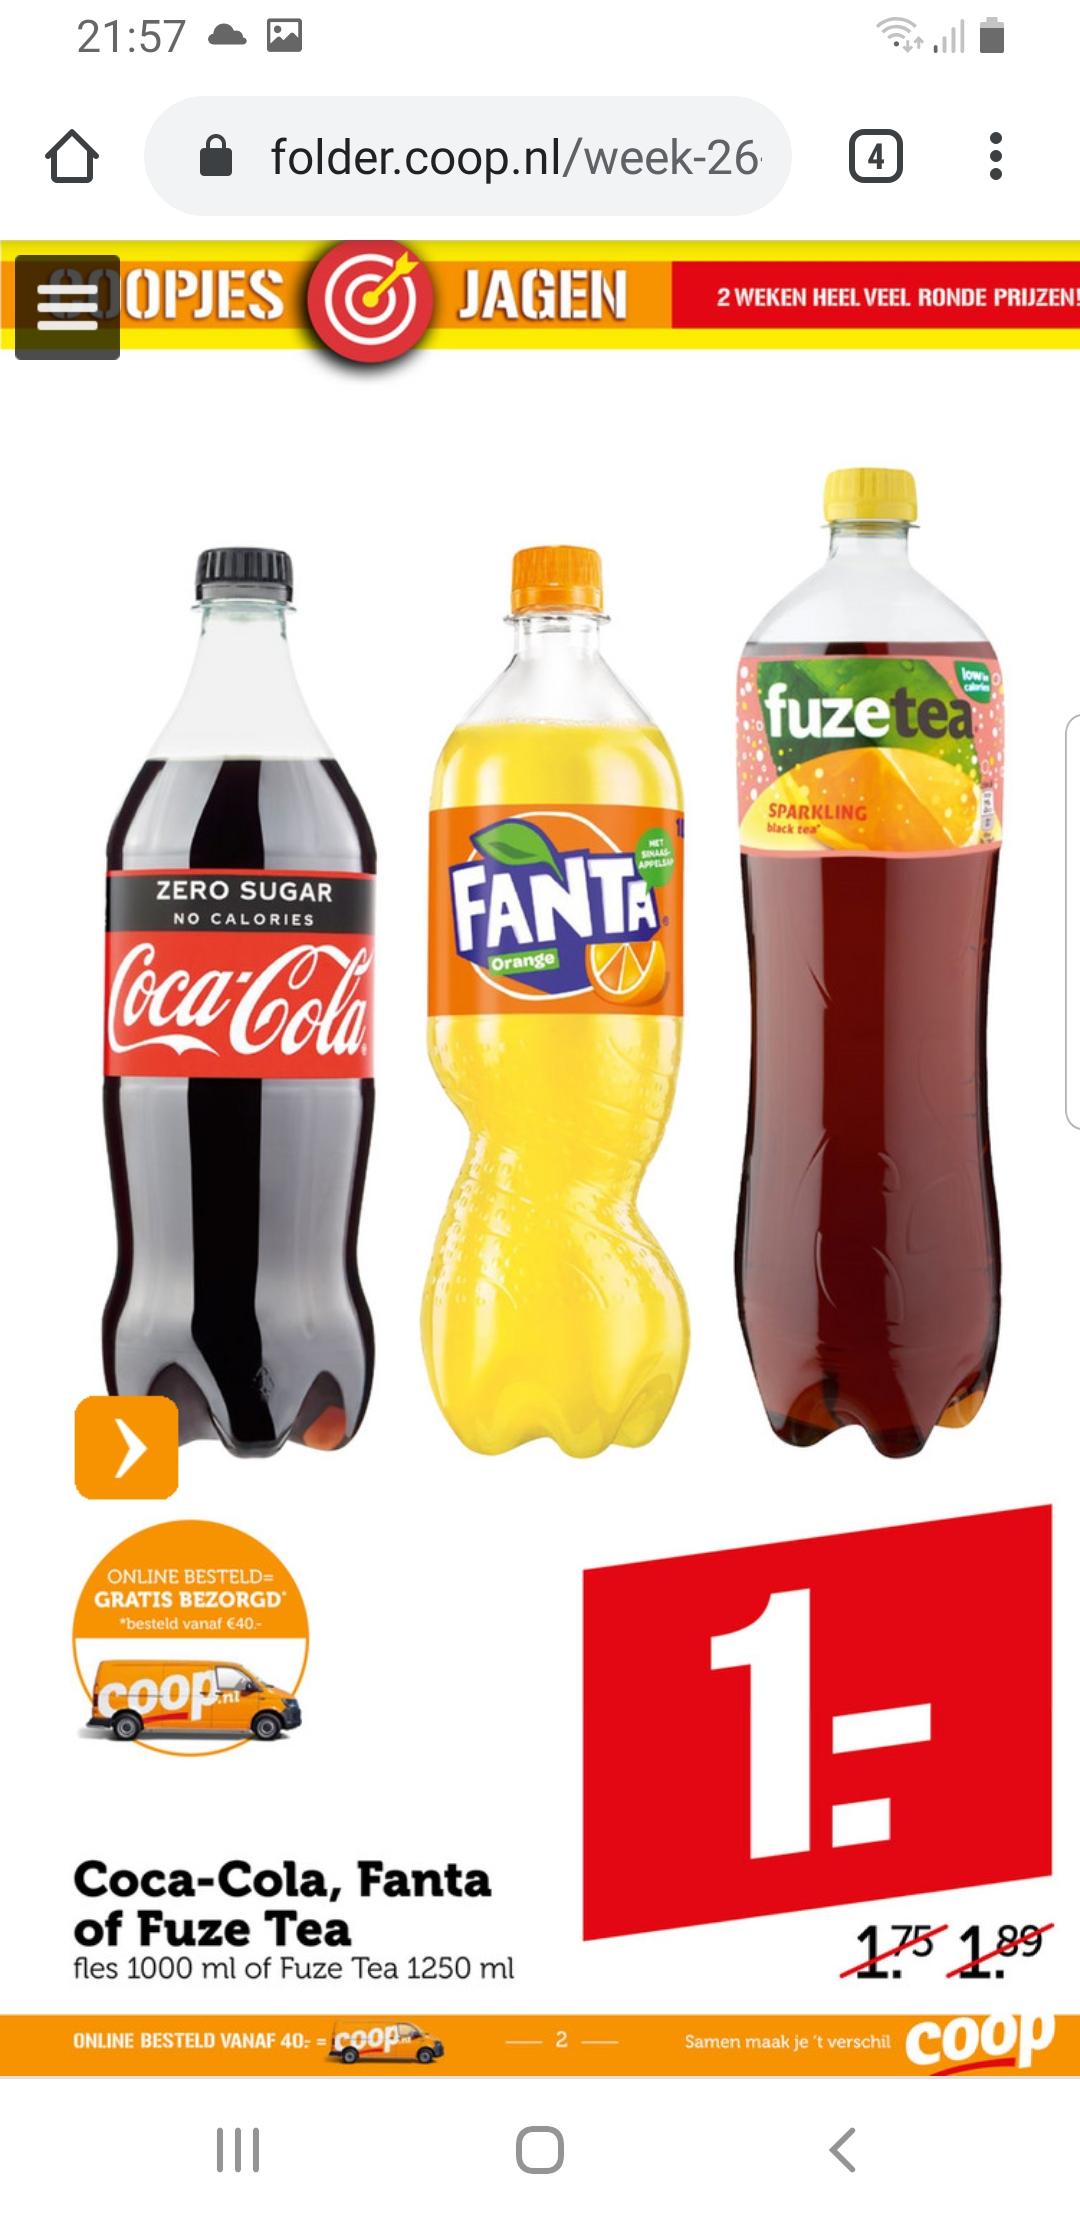 Coca Cola 1L Fanta of Fuze Tea €1 per stuk bij de Coop